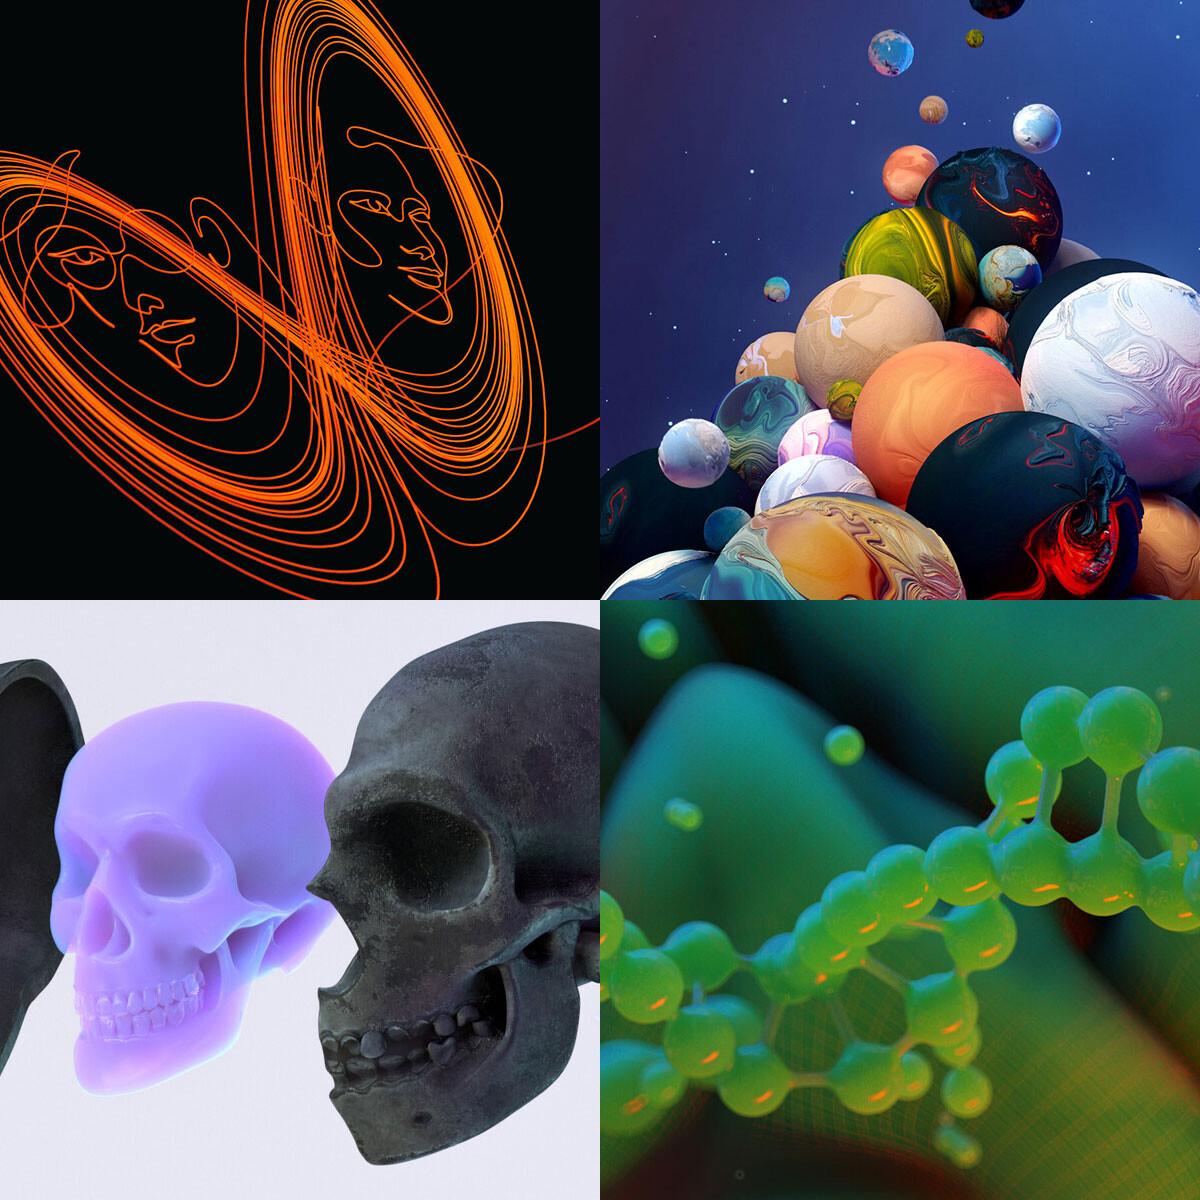 2019 • Scientific & Mathematical 3D Illustration & Animation • Quanta Magazine